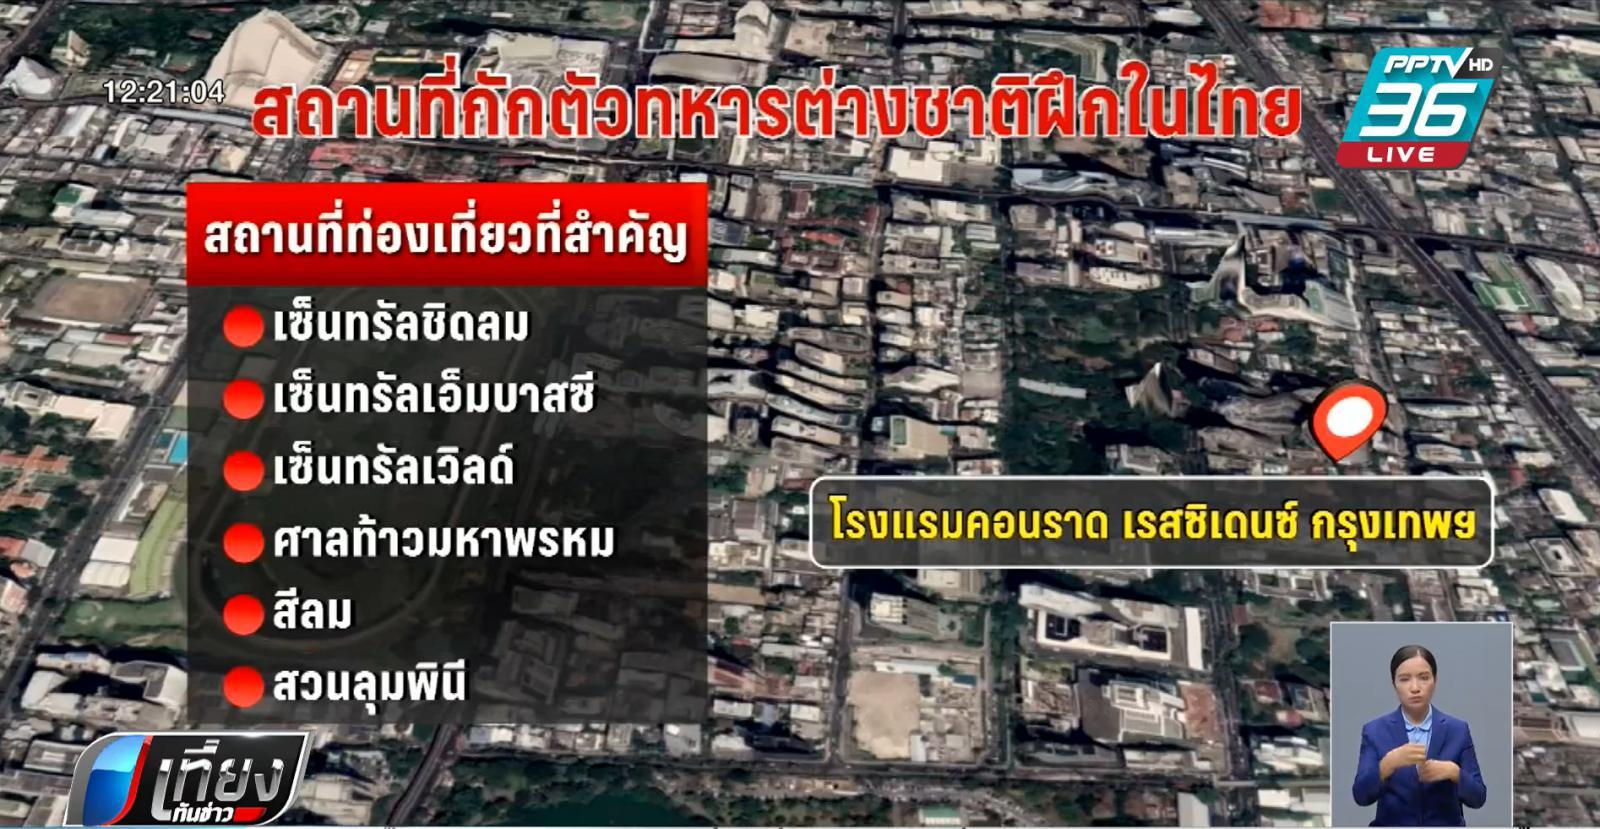 เพจดังถามหาความรับผิดชอบ หากทหารสหรัฐฯนำ โควิด-19 แพร่ไทย